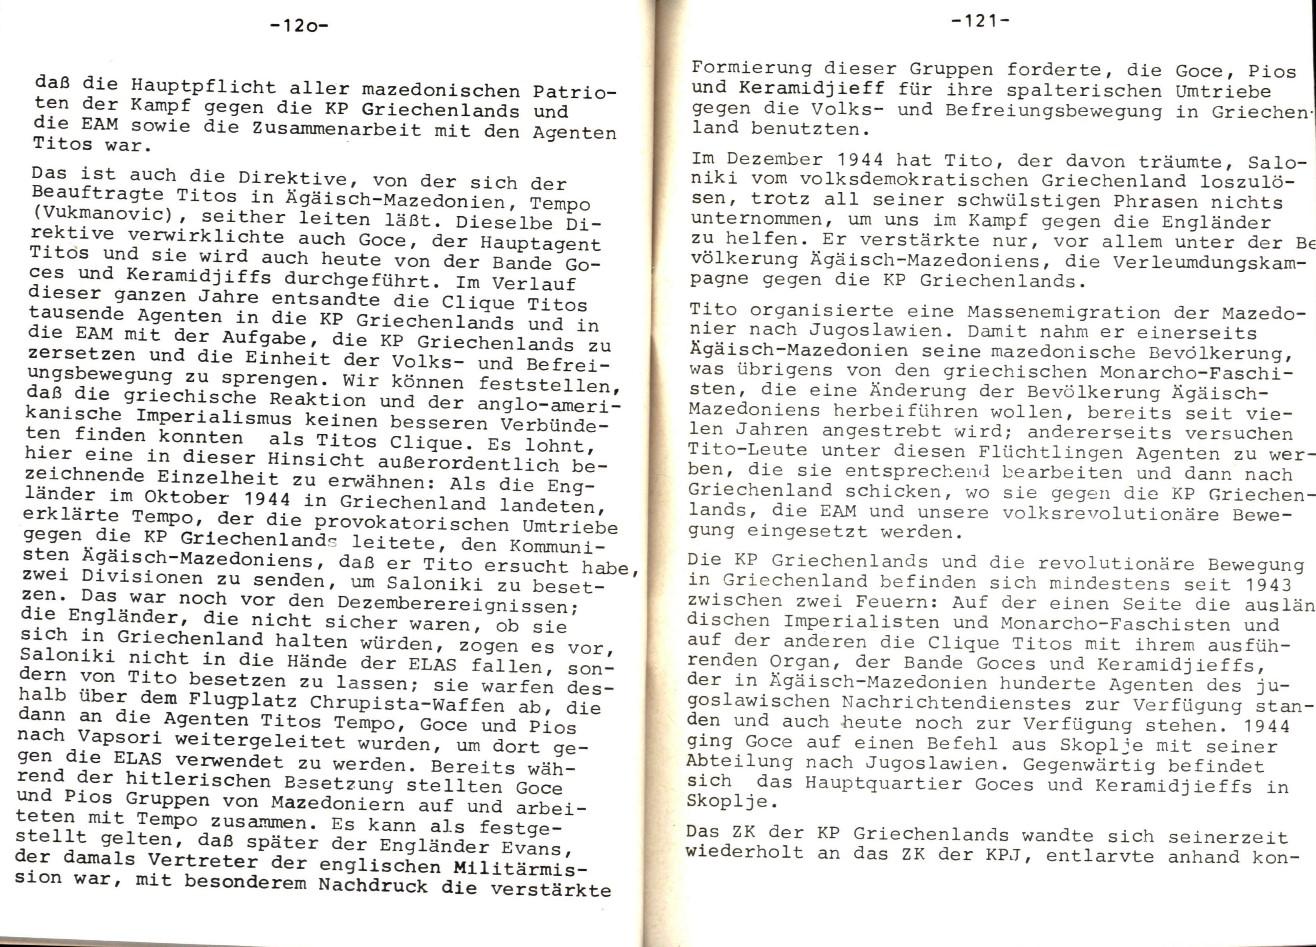 MLSK_Theorie_und_Praxis_des_ML_1979_24_62